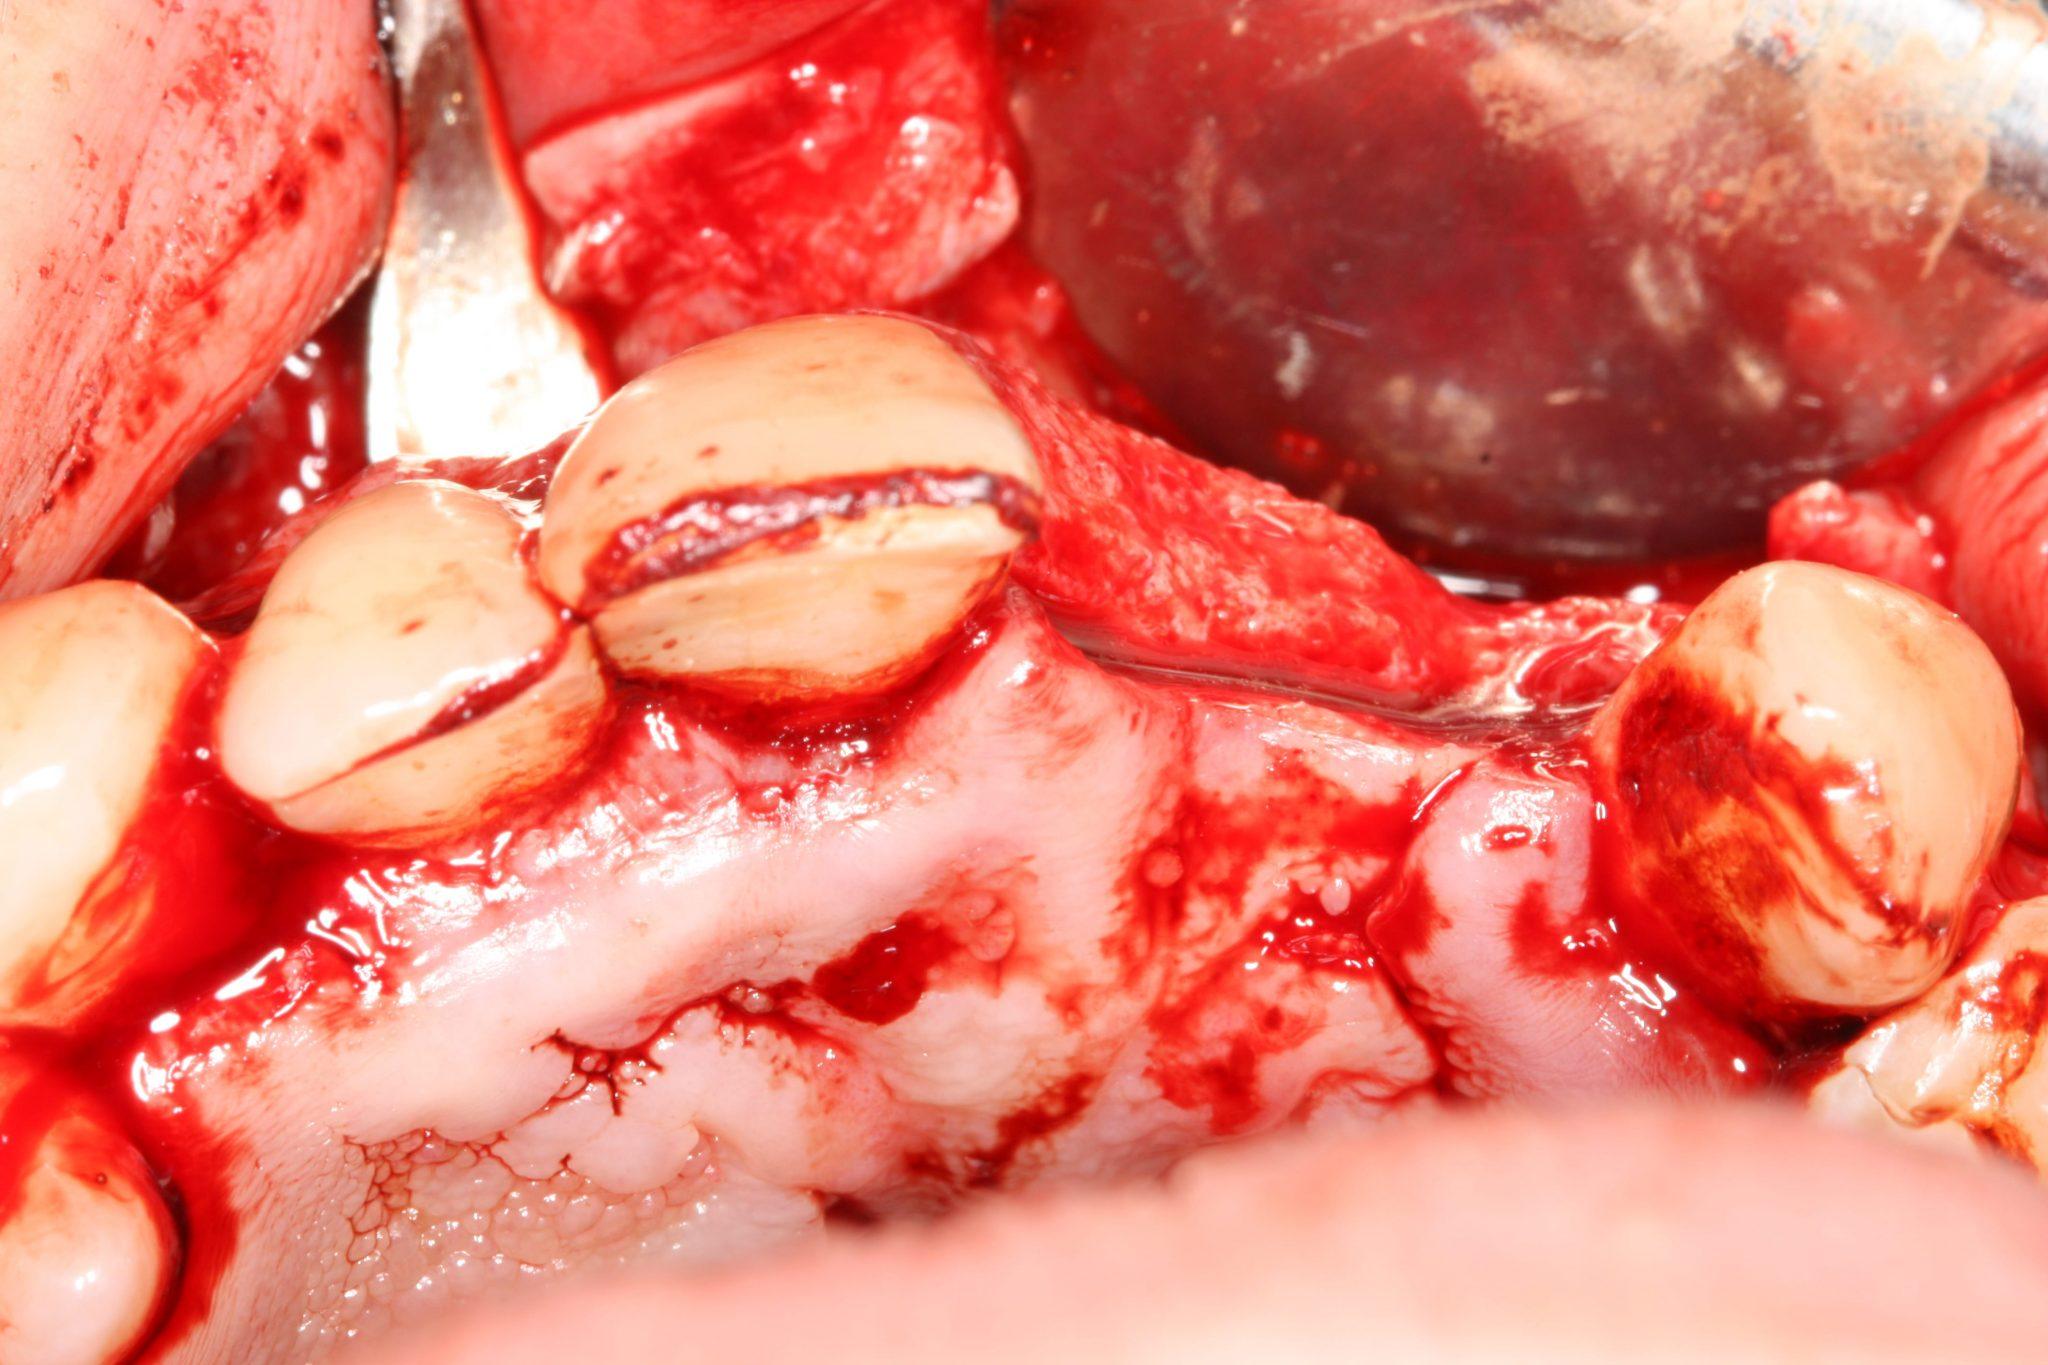 Das várias opções para regeneração óssea quais seriam as vossas opções?1-min2-min3-min4-min5